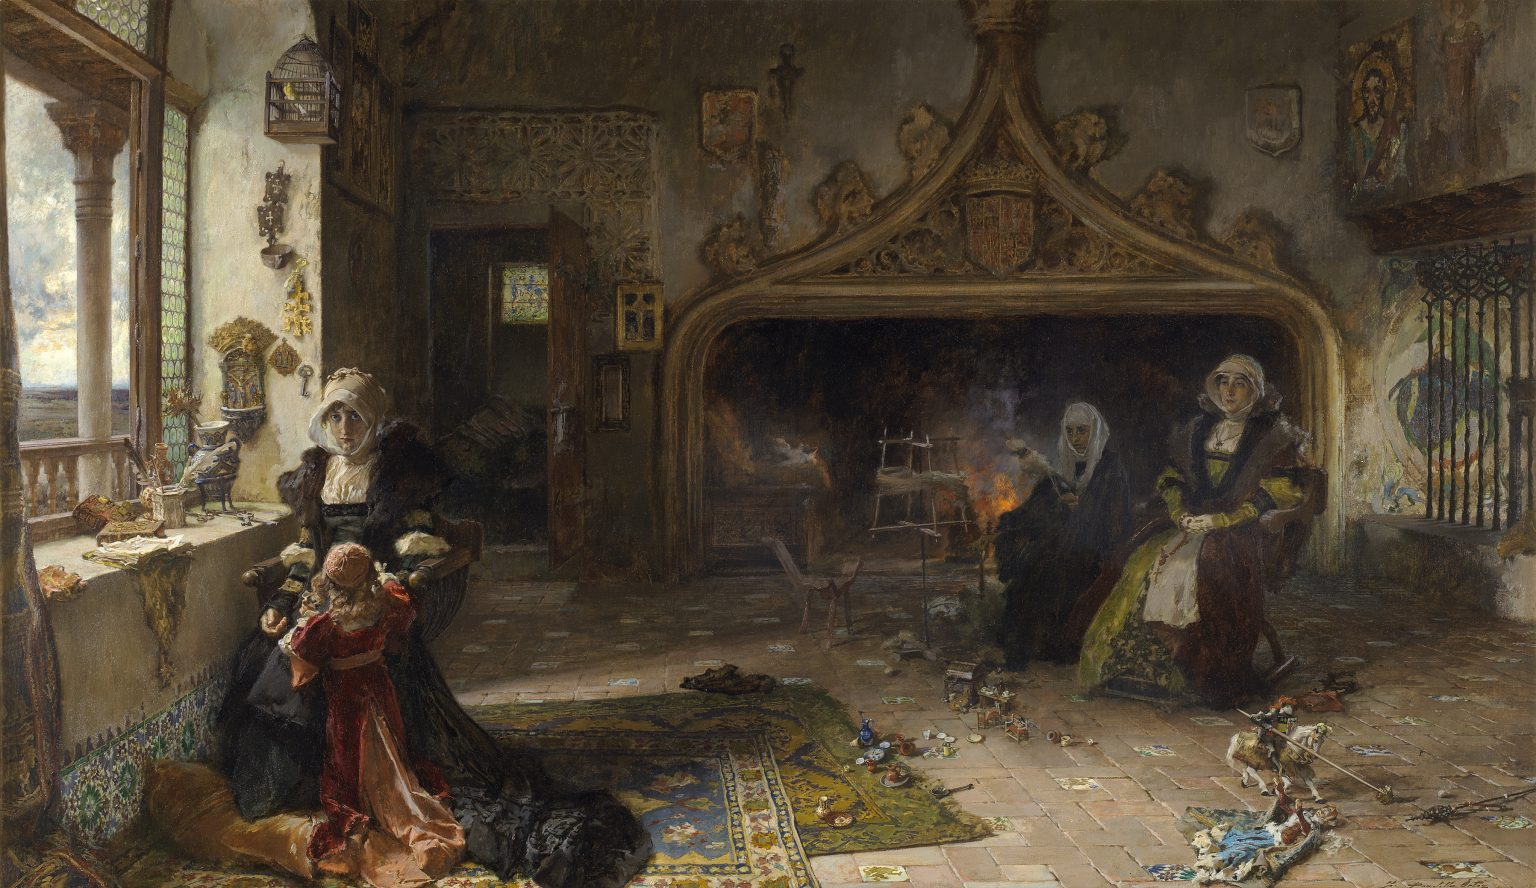 2-La-reina-dona-Juana-la-Loca-recluida-en-Tordesillas-con-su-hija-la-infanta-dona-Catalina-Francisco-Pradilla-y-Ortiz-Museo-del-Prado-1536x888